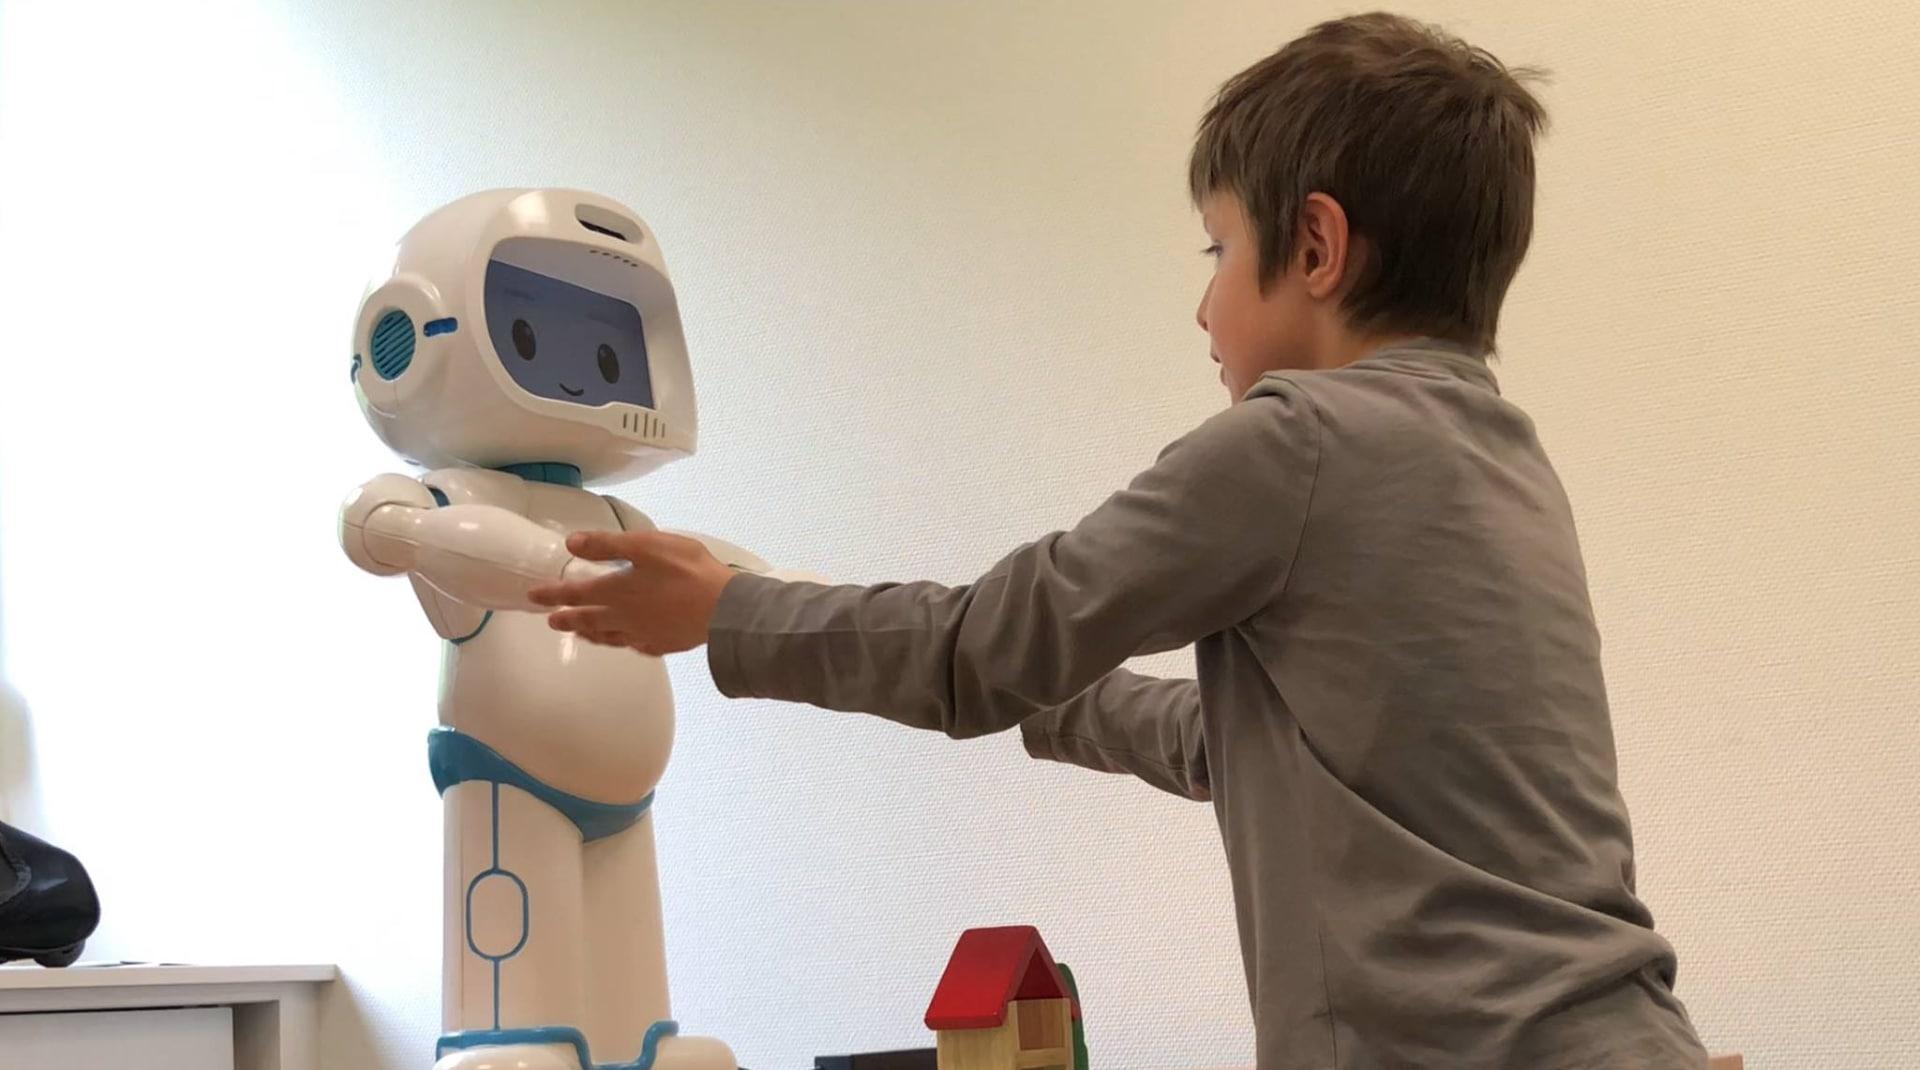 Аутистам комфортнее с роботом, чем с людьми